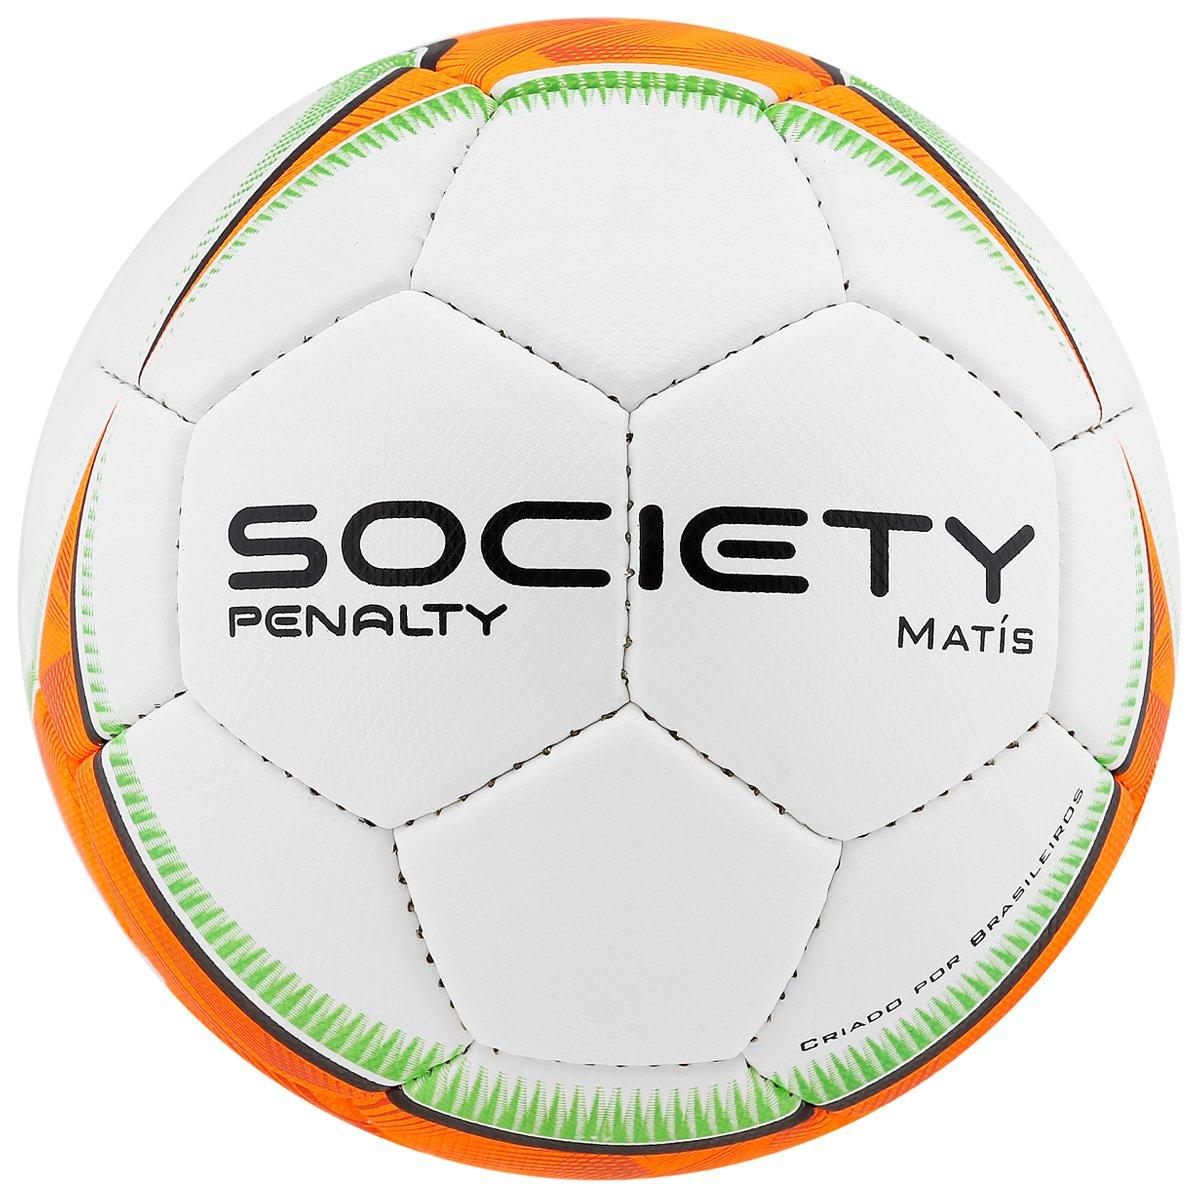 31094e3833 Bola Futebol Penalty Matis 5 Society - Compre Agora